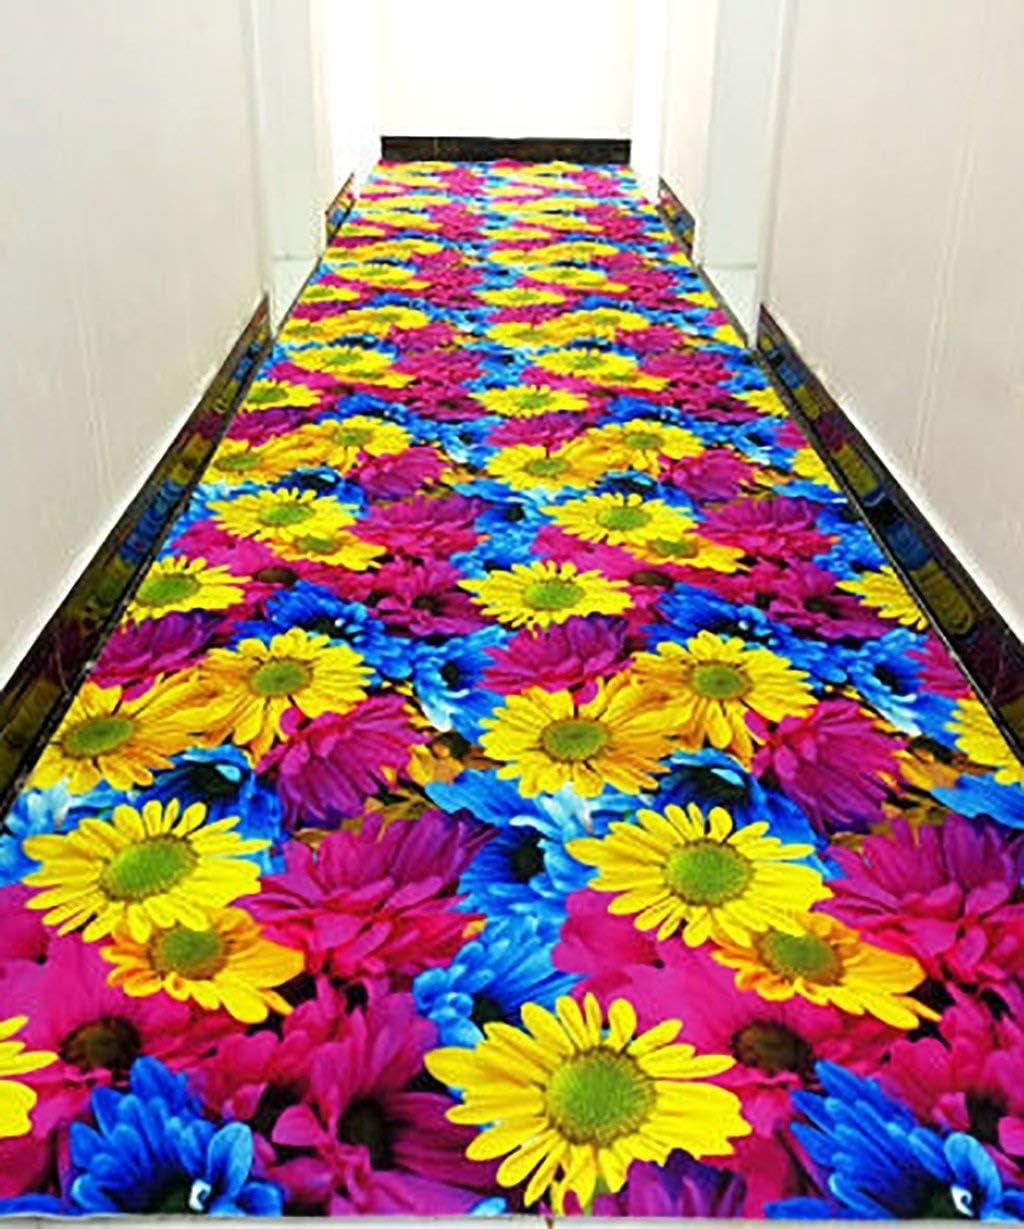 YINUO Alfombra de Pasillo de Camuflaje, Antideslizante, Personalizable, Grosor 6 mm, 5 Colores y 7 tamaños Opcionales